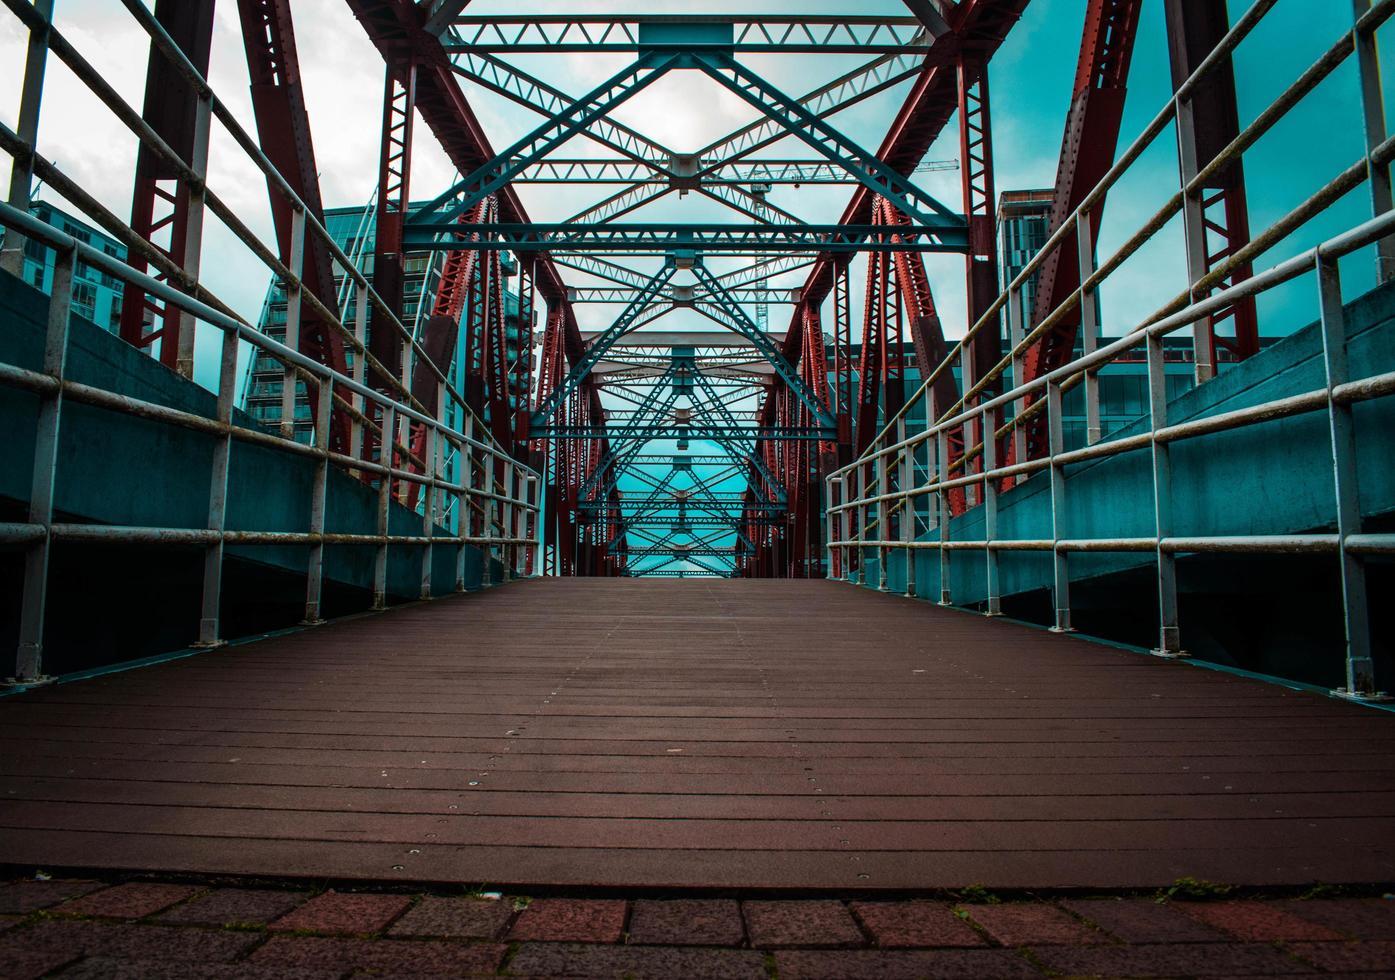 puente en el puerto de la ciudad foto